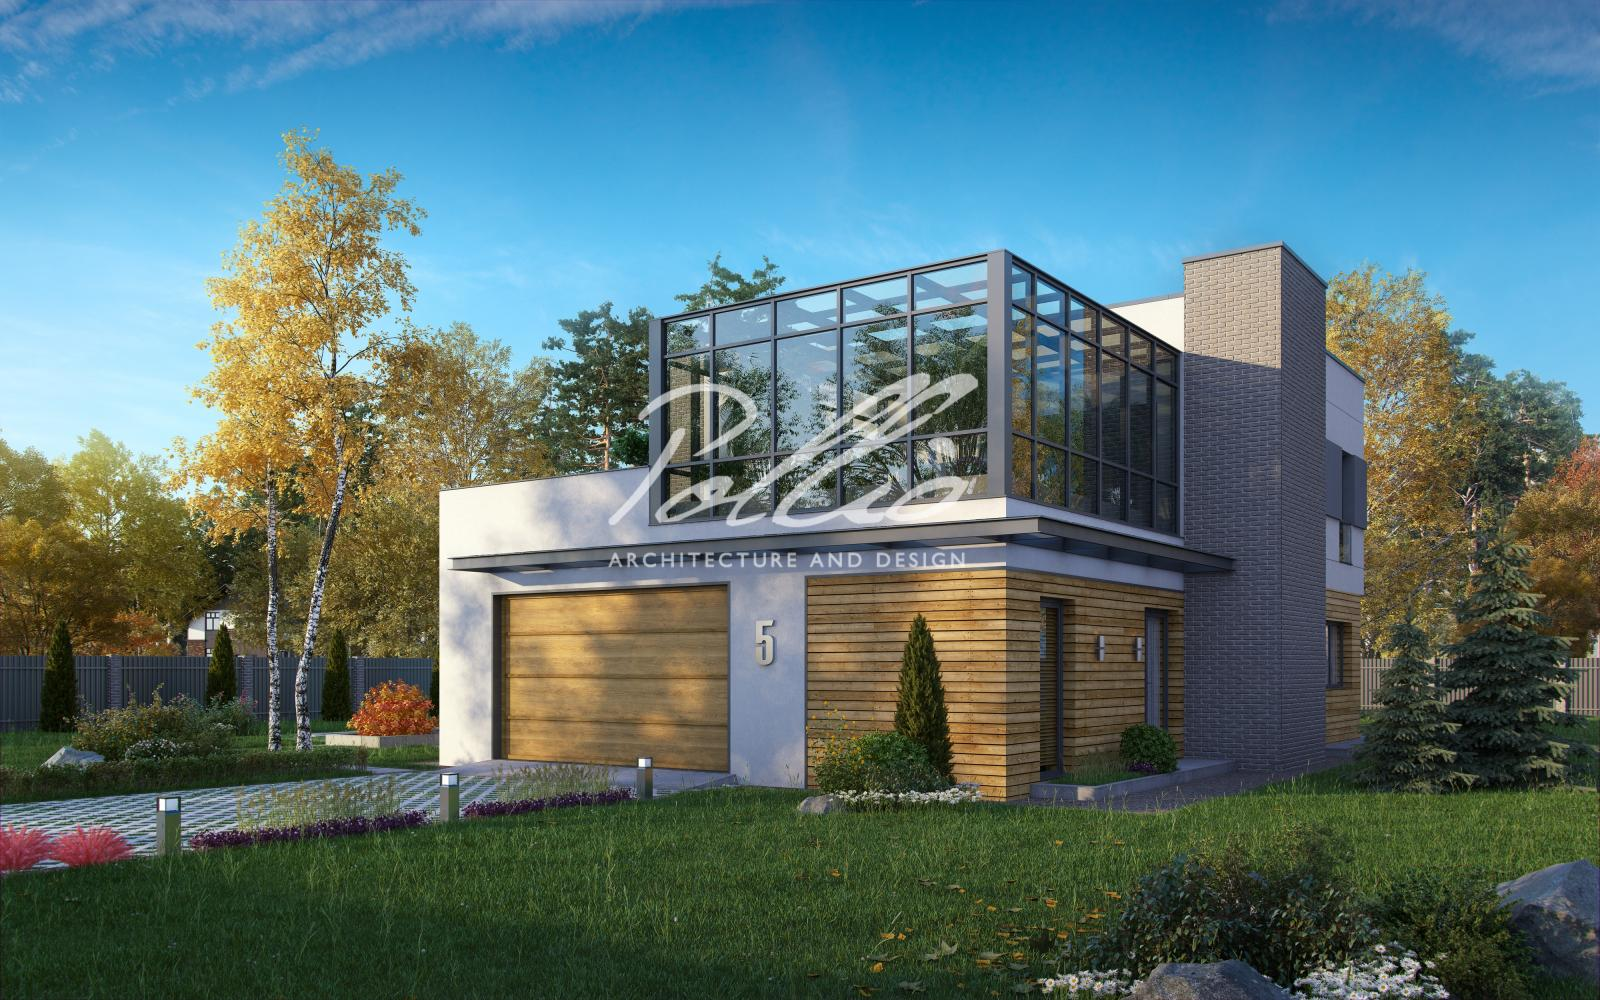 X5 Шикарный дом с зимним садом фото 2